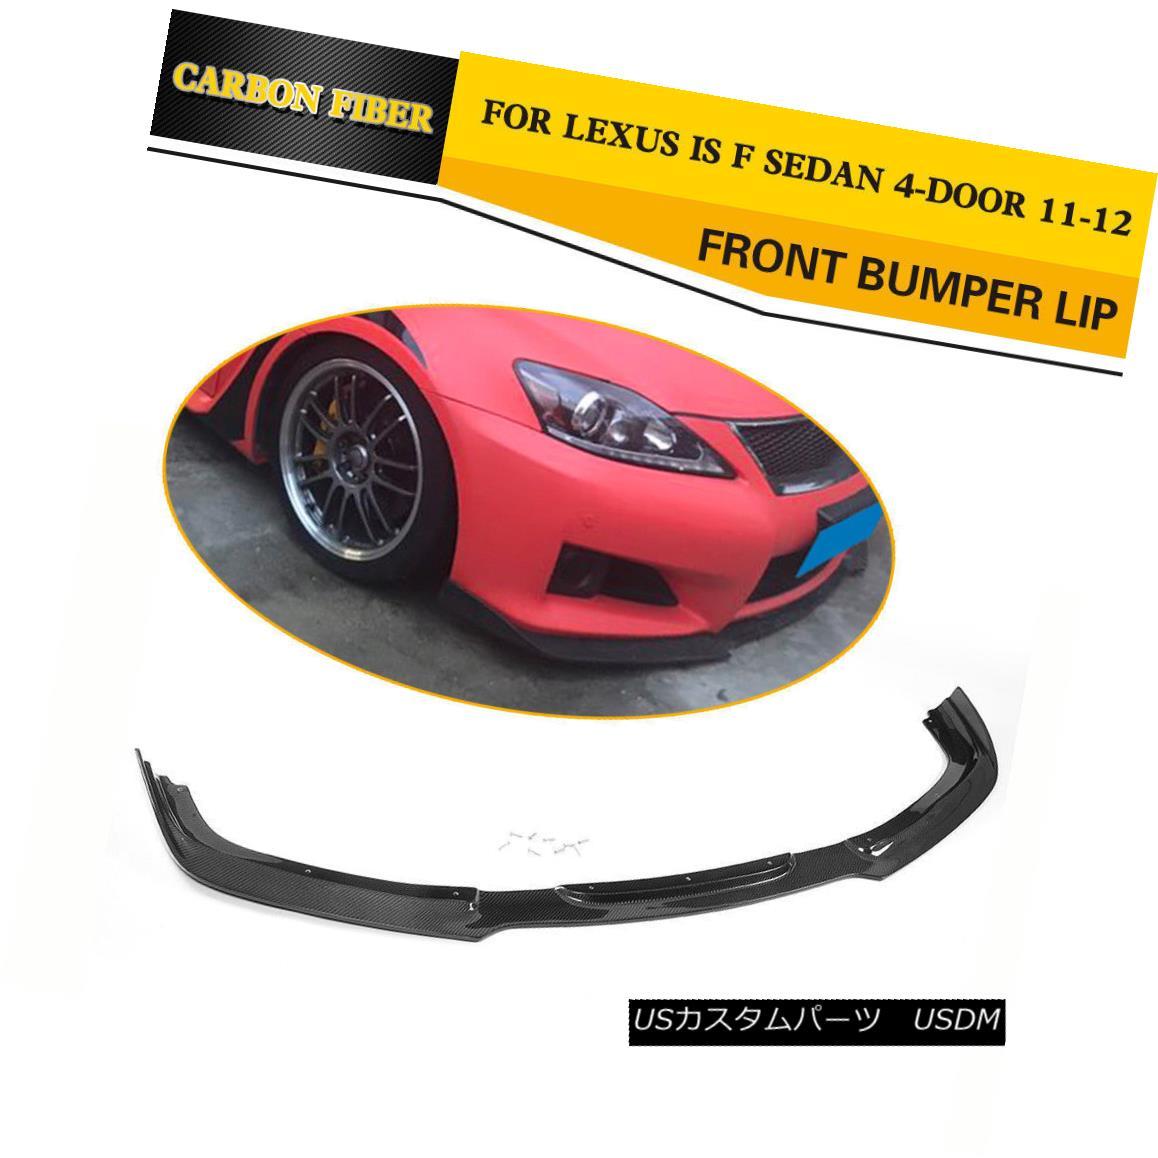 エアロパーツ Carbon Fiber Front Bumper Lip for LEXUS IS F Sedan 4-Door 11-12 (Fits: IS-F) レクサスFセダン4ドア11-12用カーボンファイバーフロントバンパーリップ(適合:IS-F)